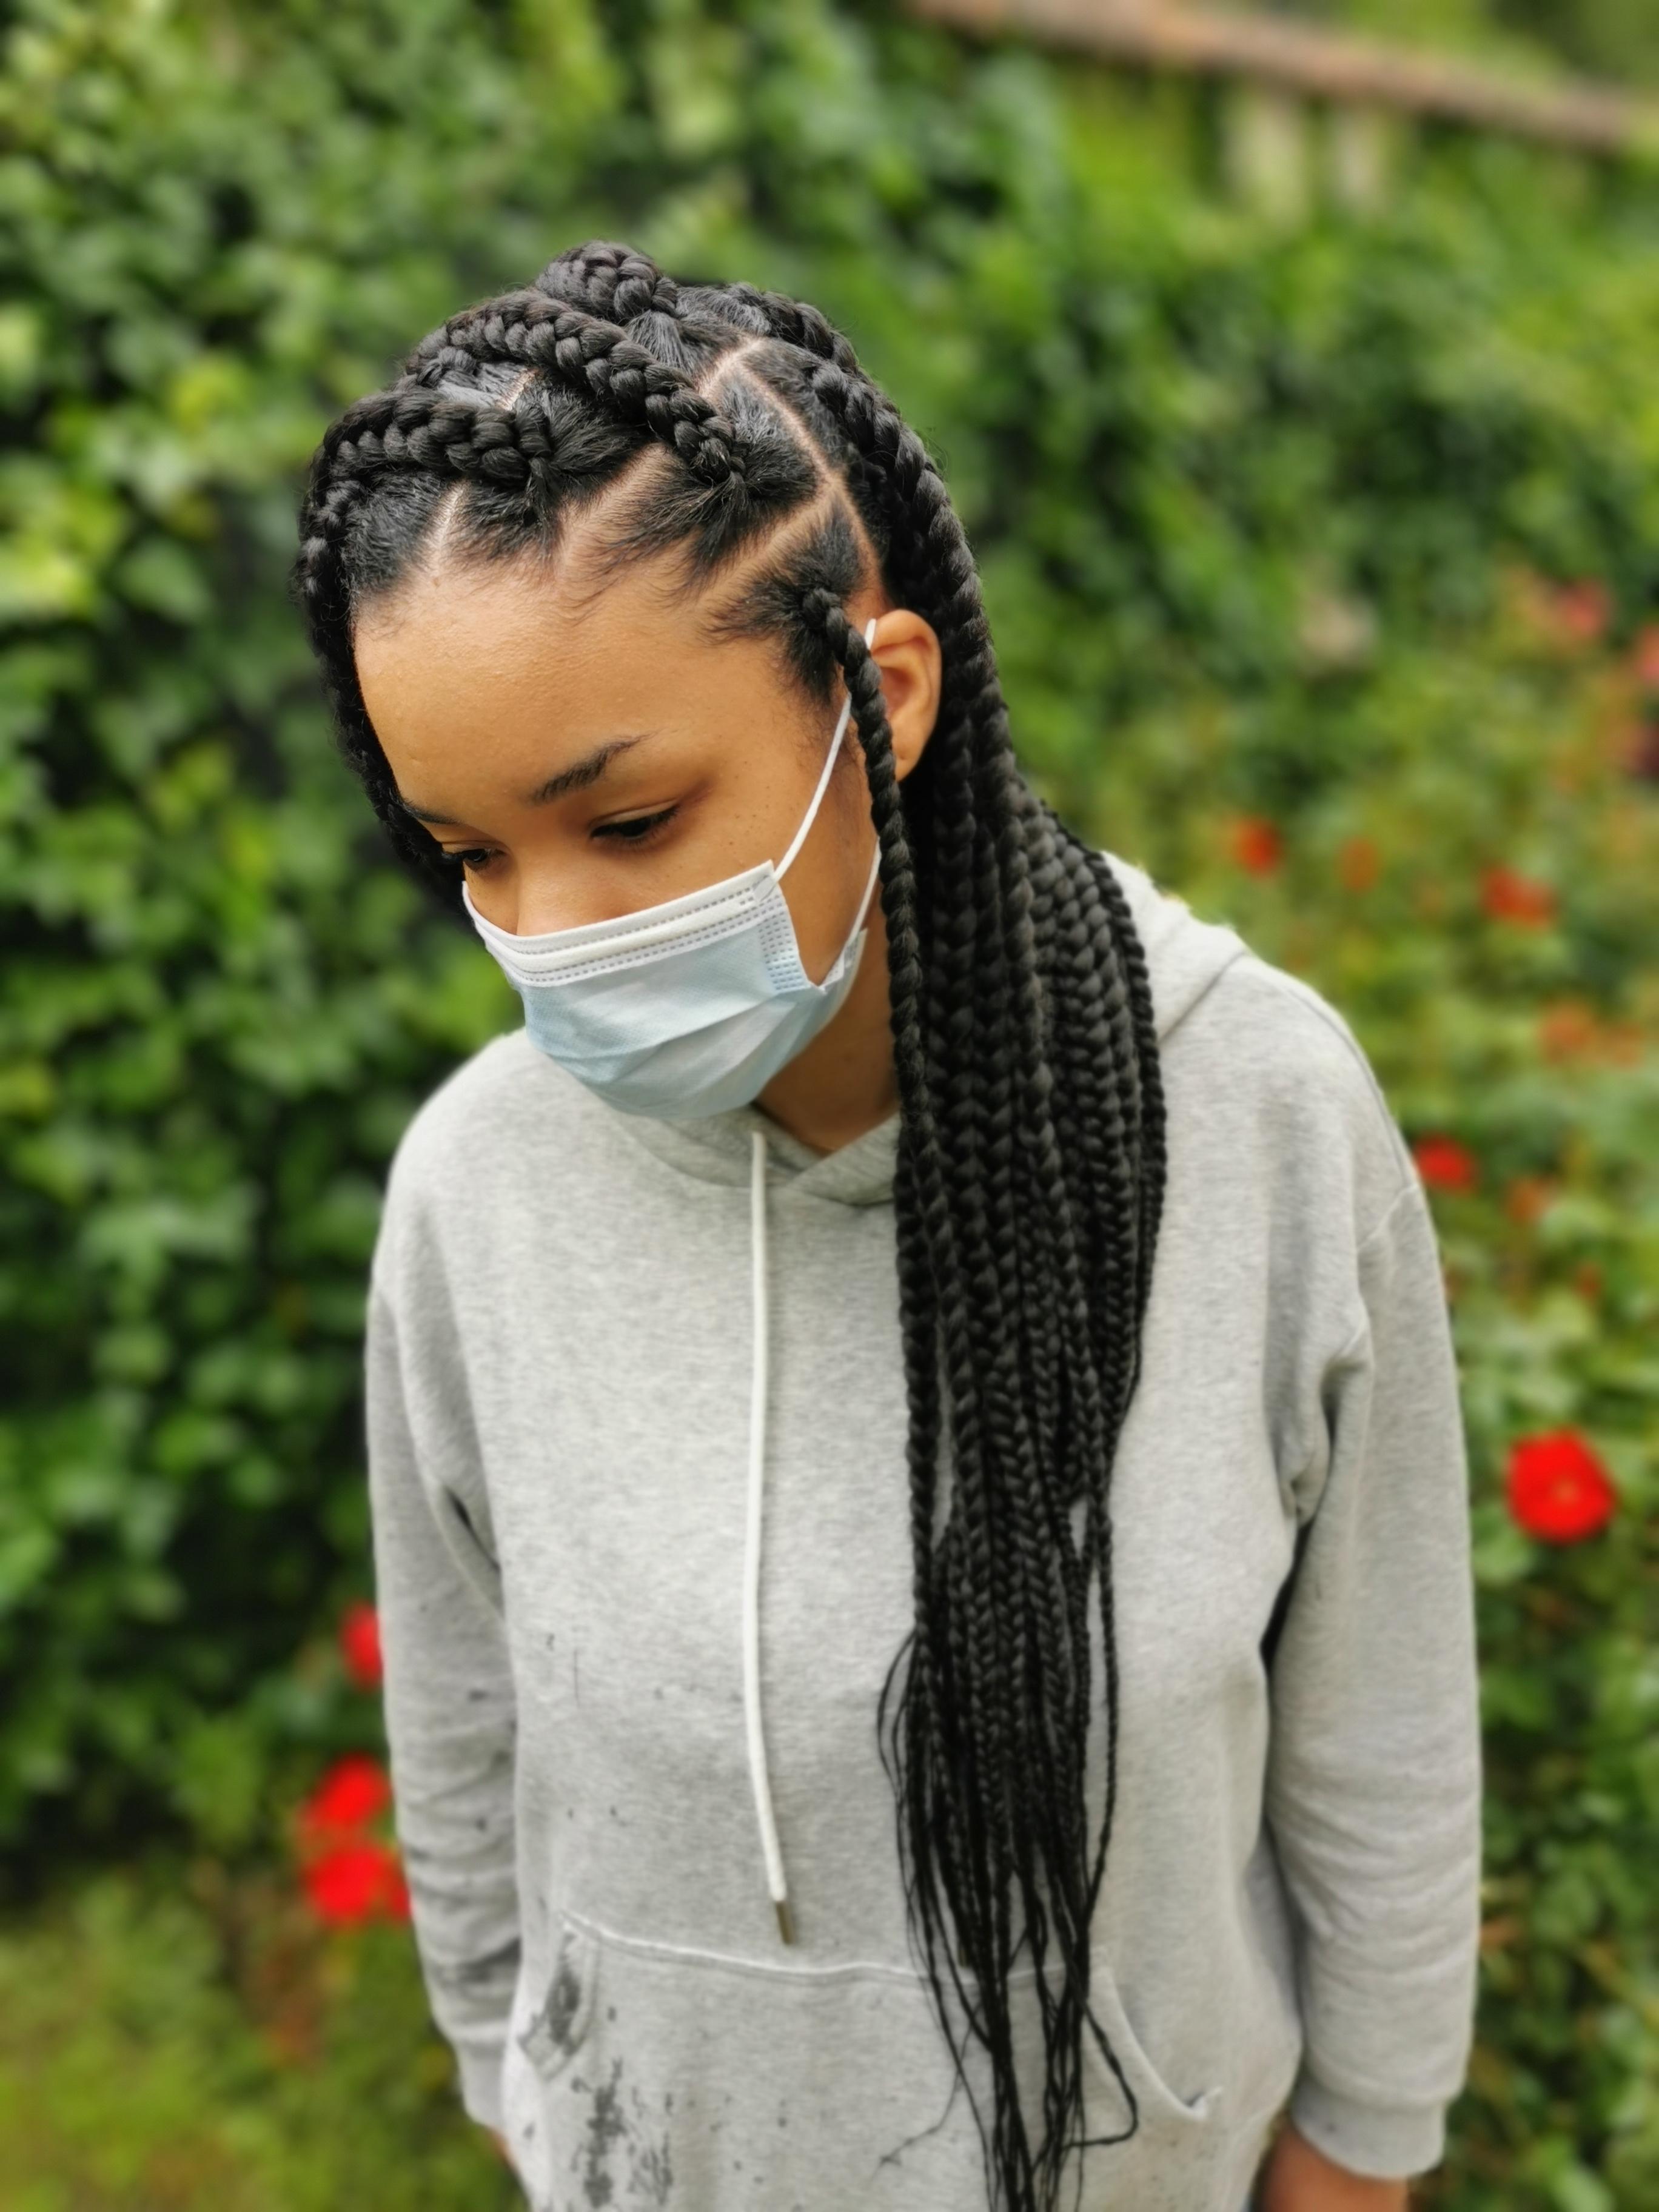 salon de coiffure afro tresse tresses box braids crochet braids vanilles tissages paris 75 77 78 91 92 93 94 95 YQBTOEIX